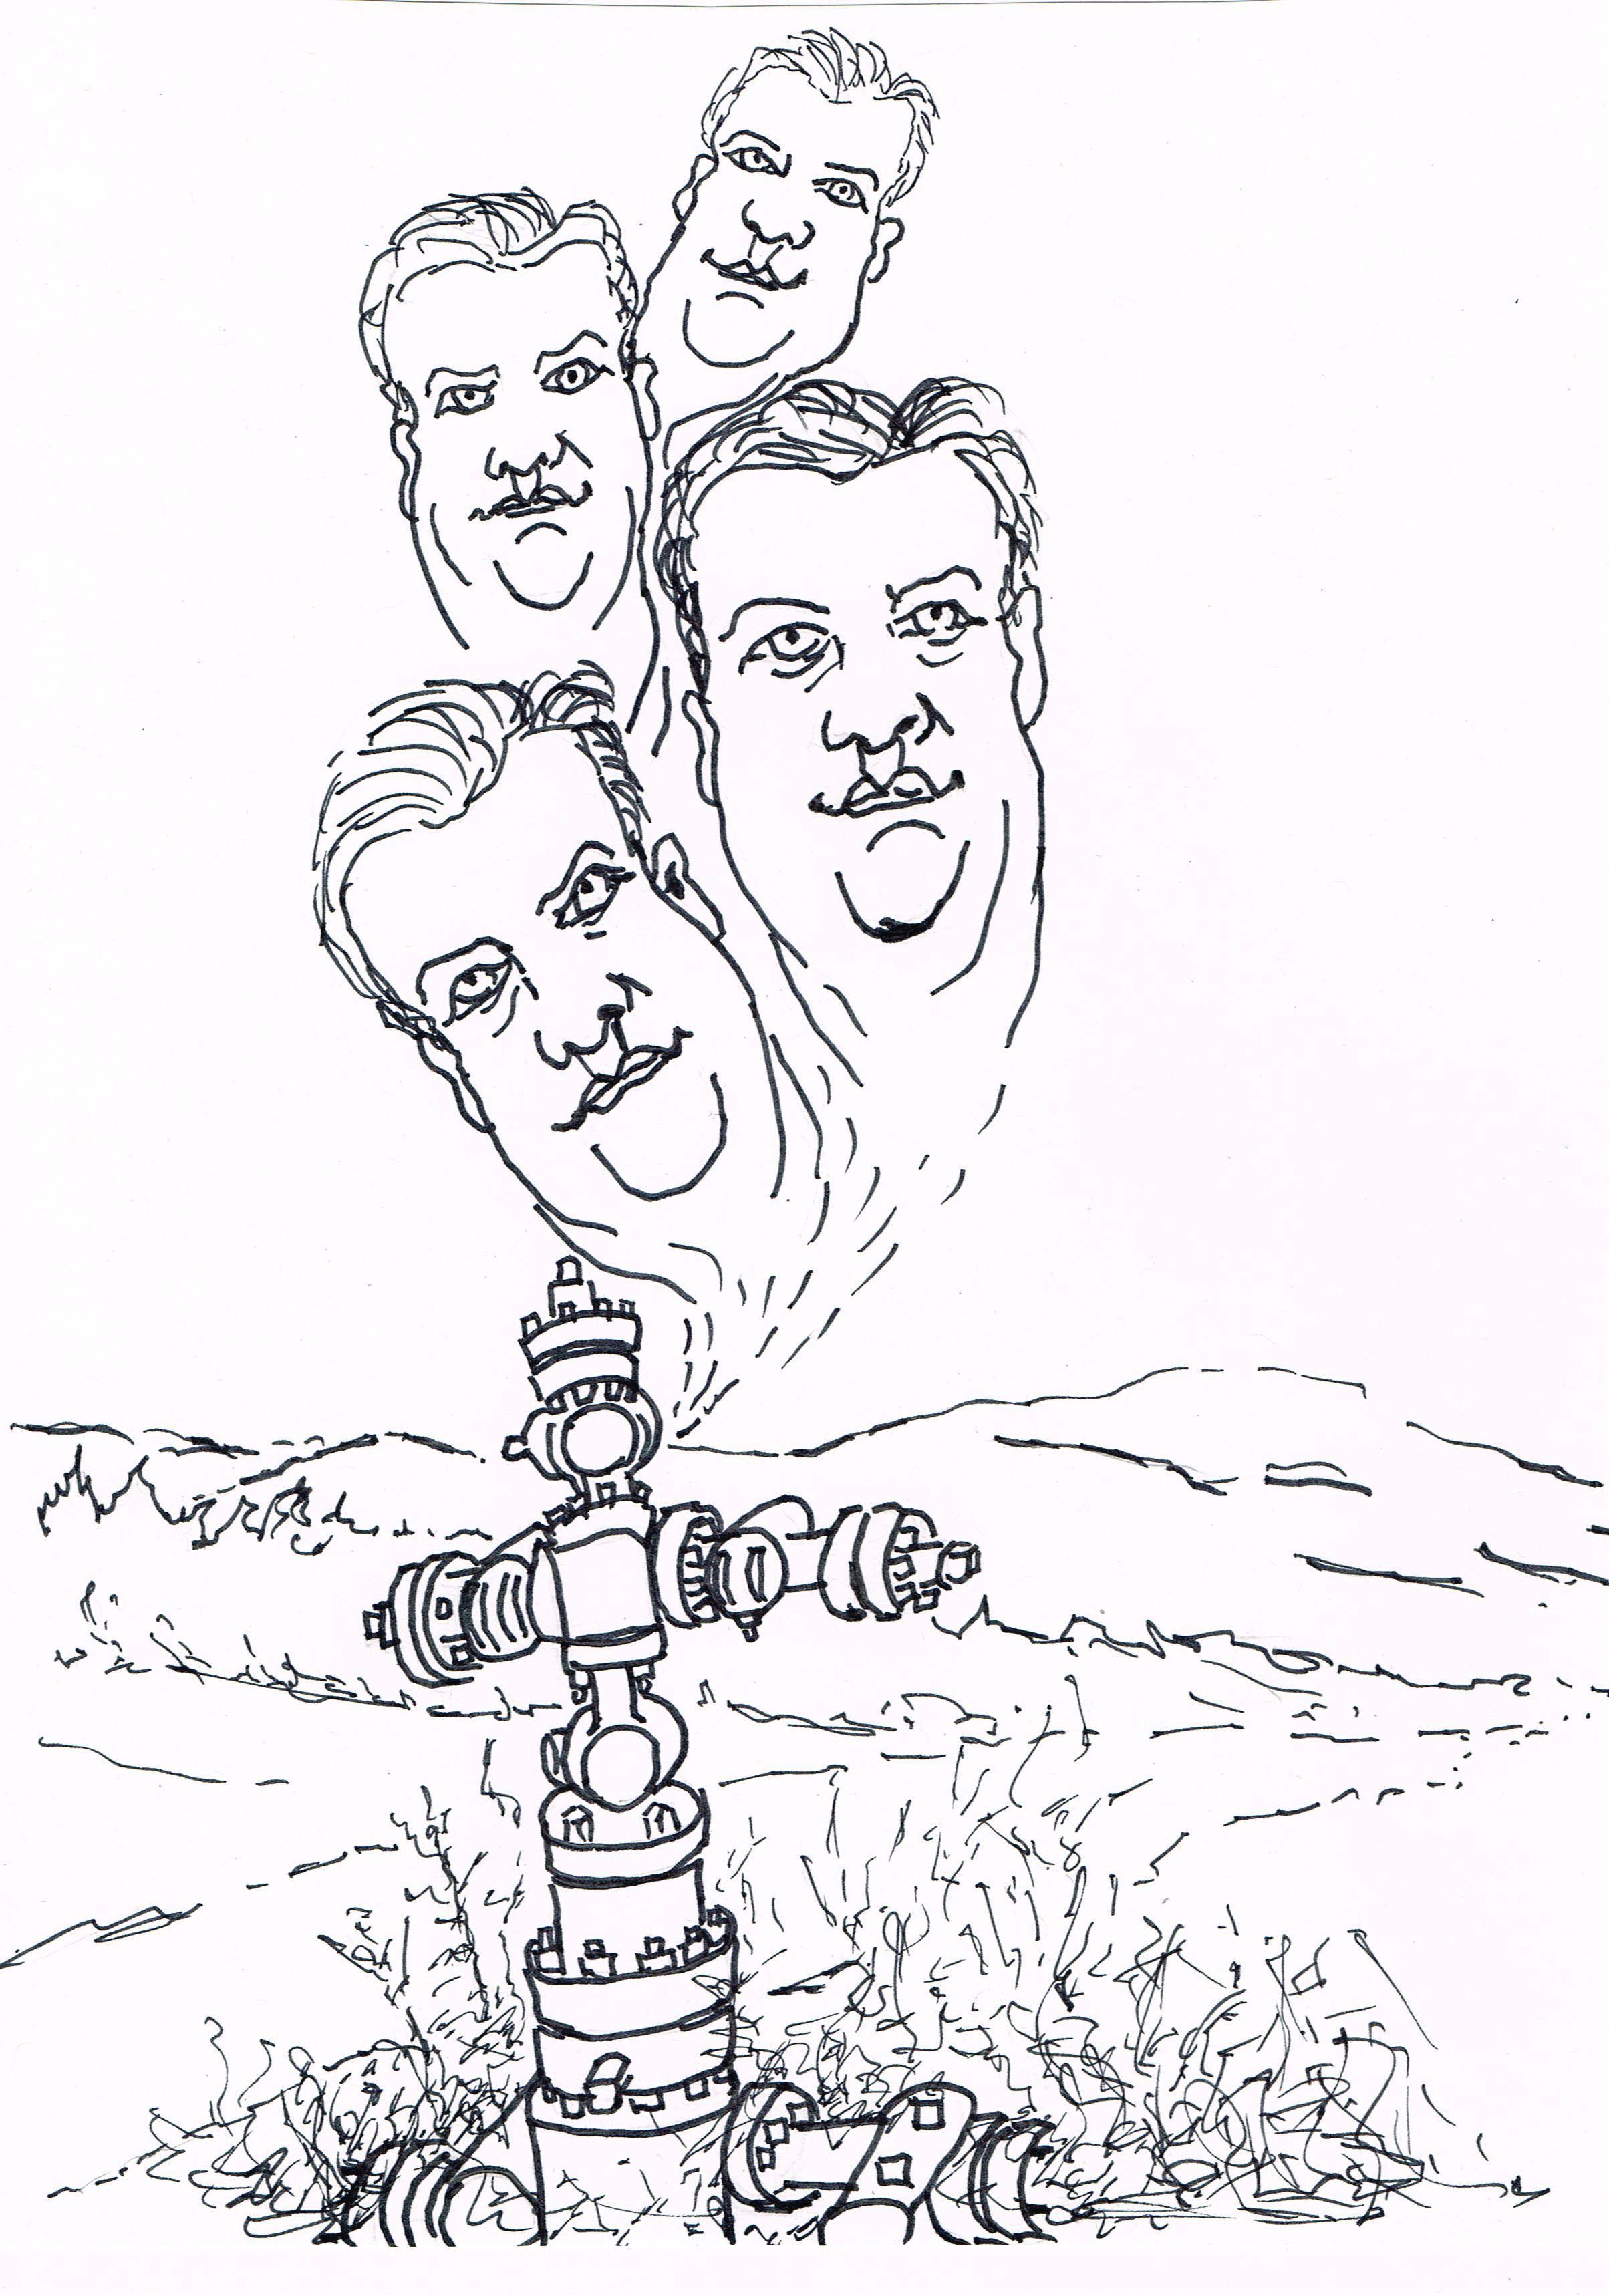 Rich Coleman, gas leaks scientist